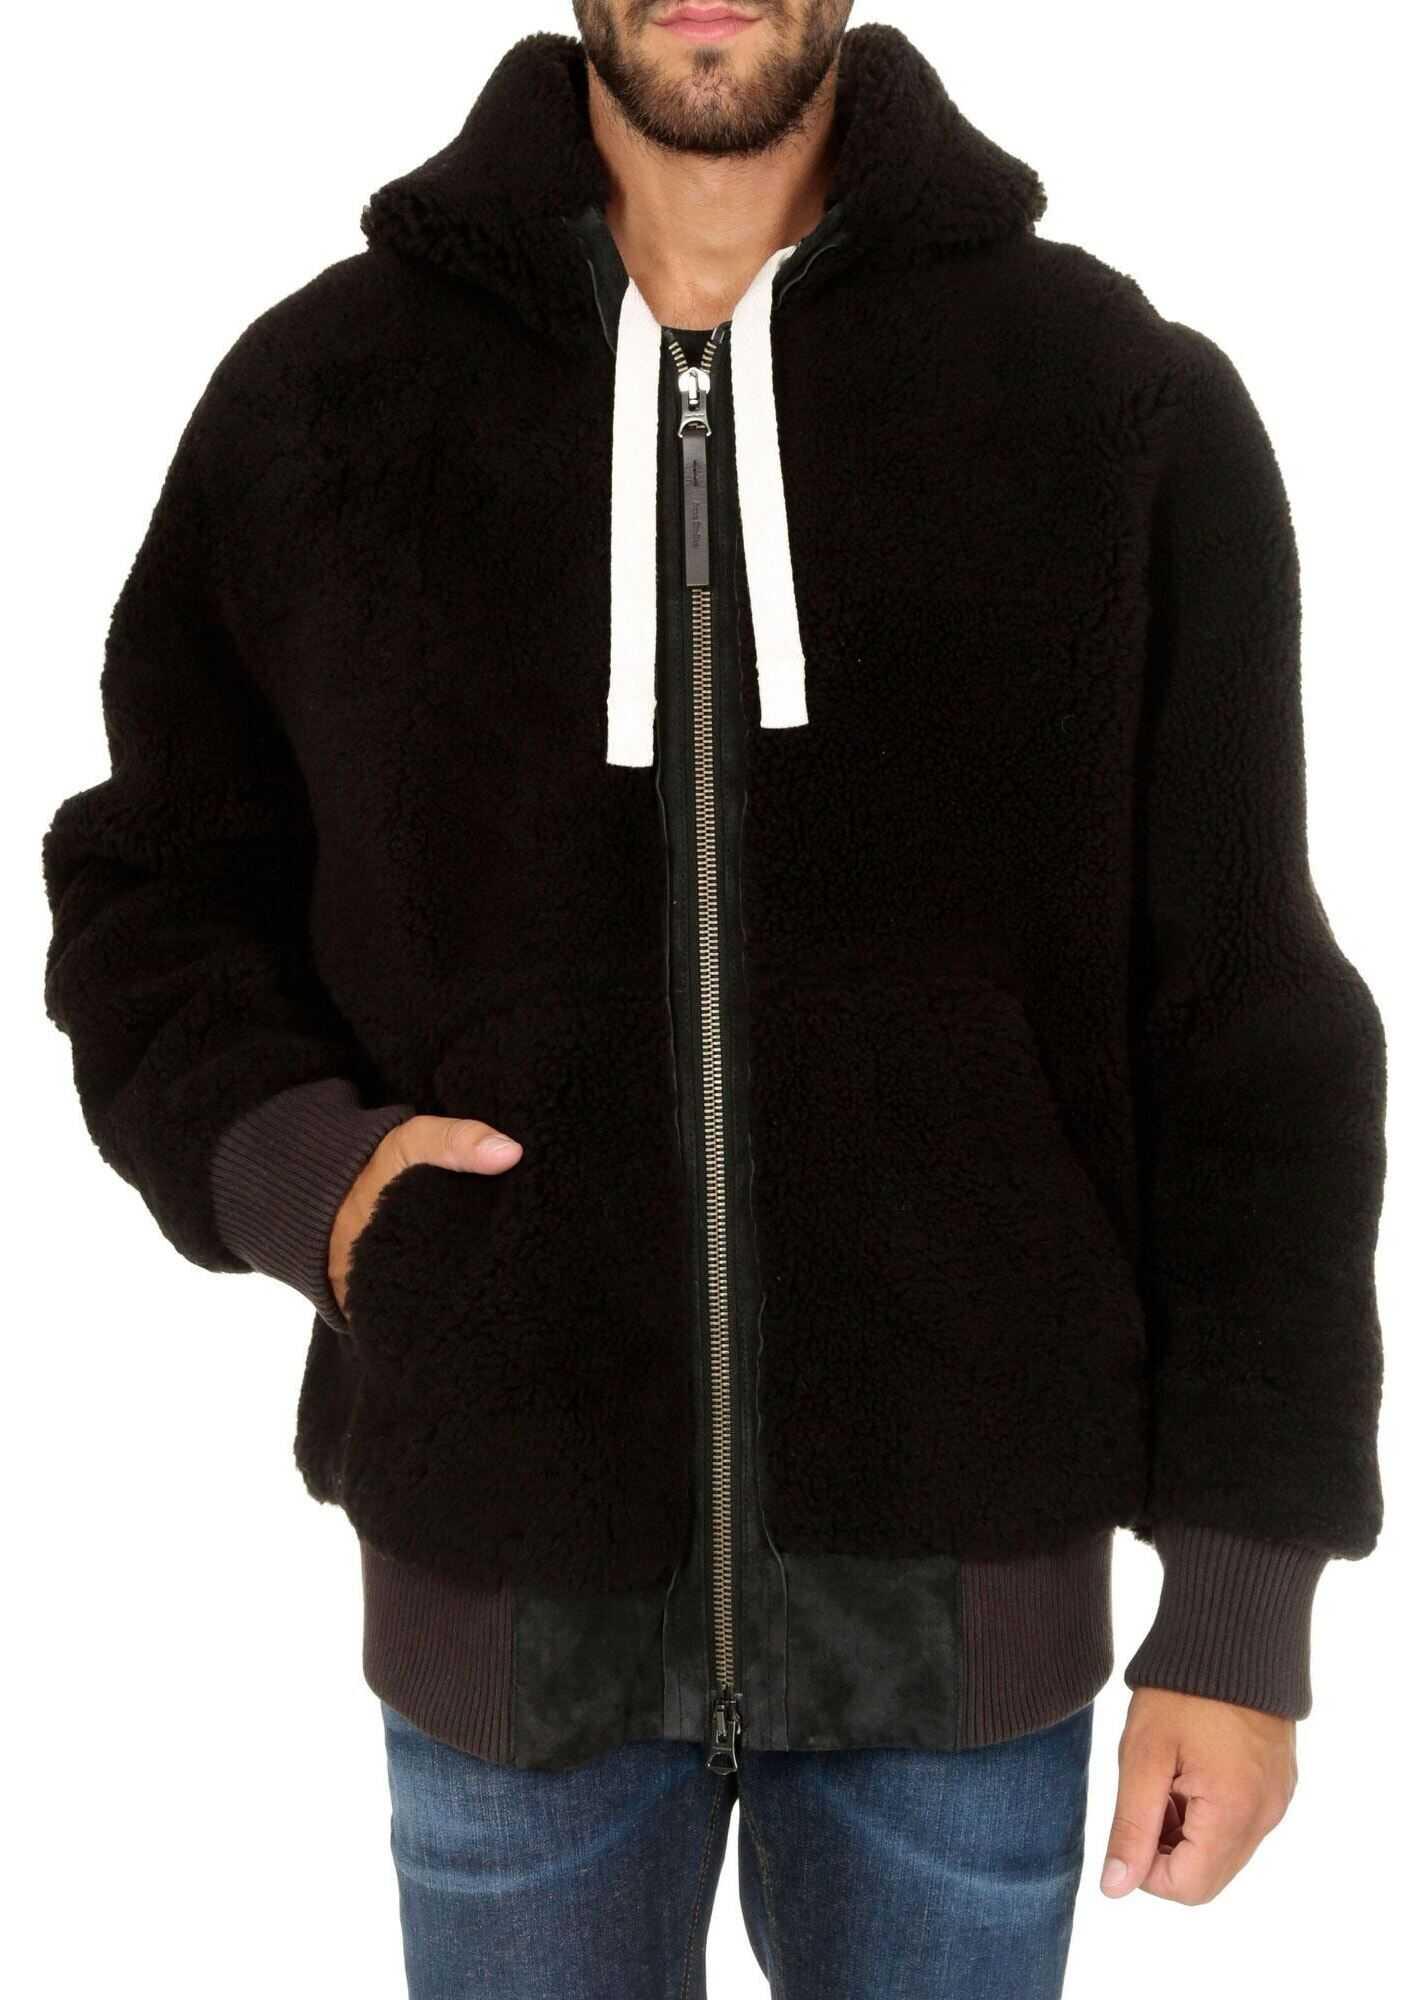 Acne Studios Hooded Shearling Jacket Chocolate Dark Brown Brown imagine